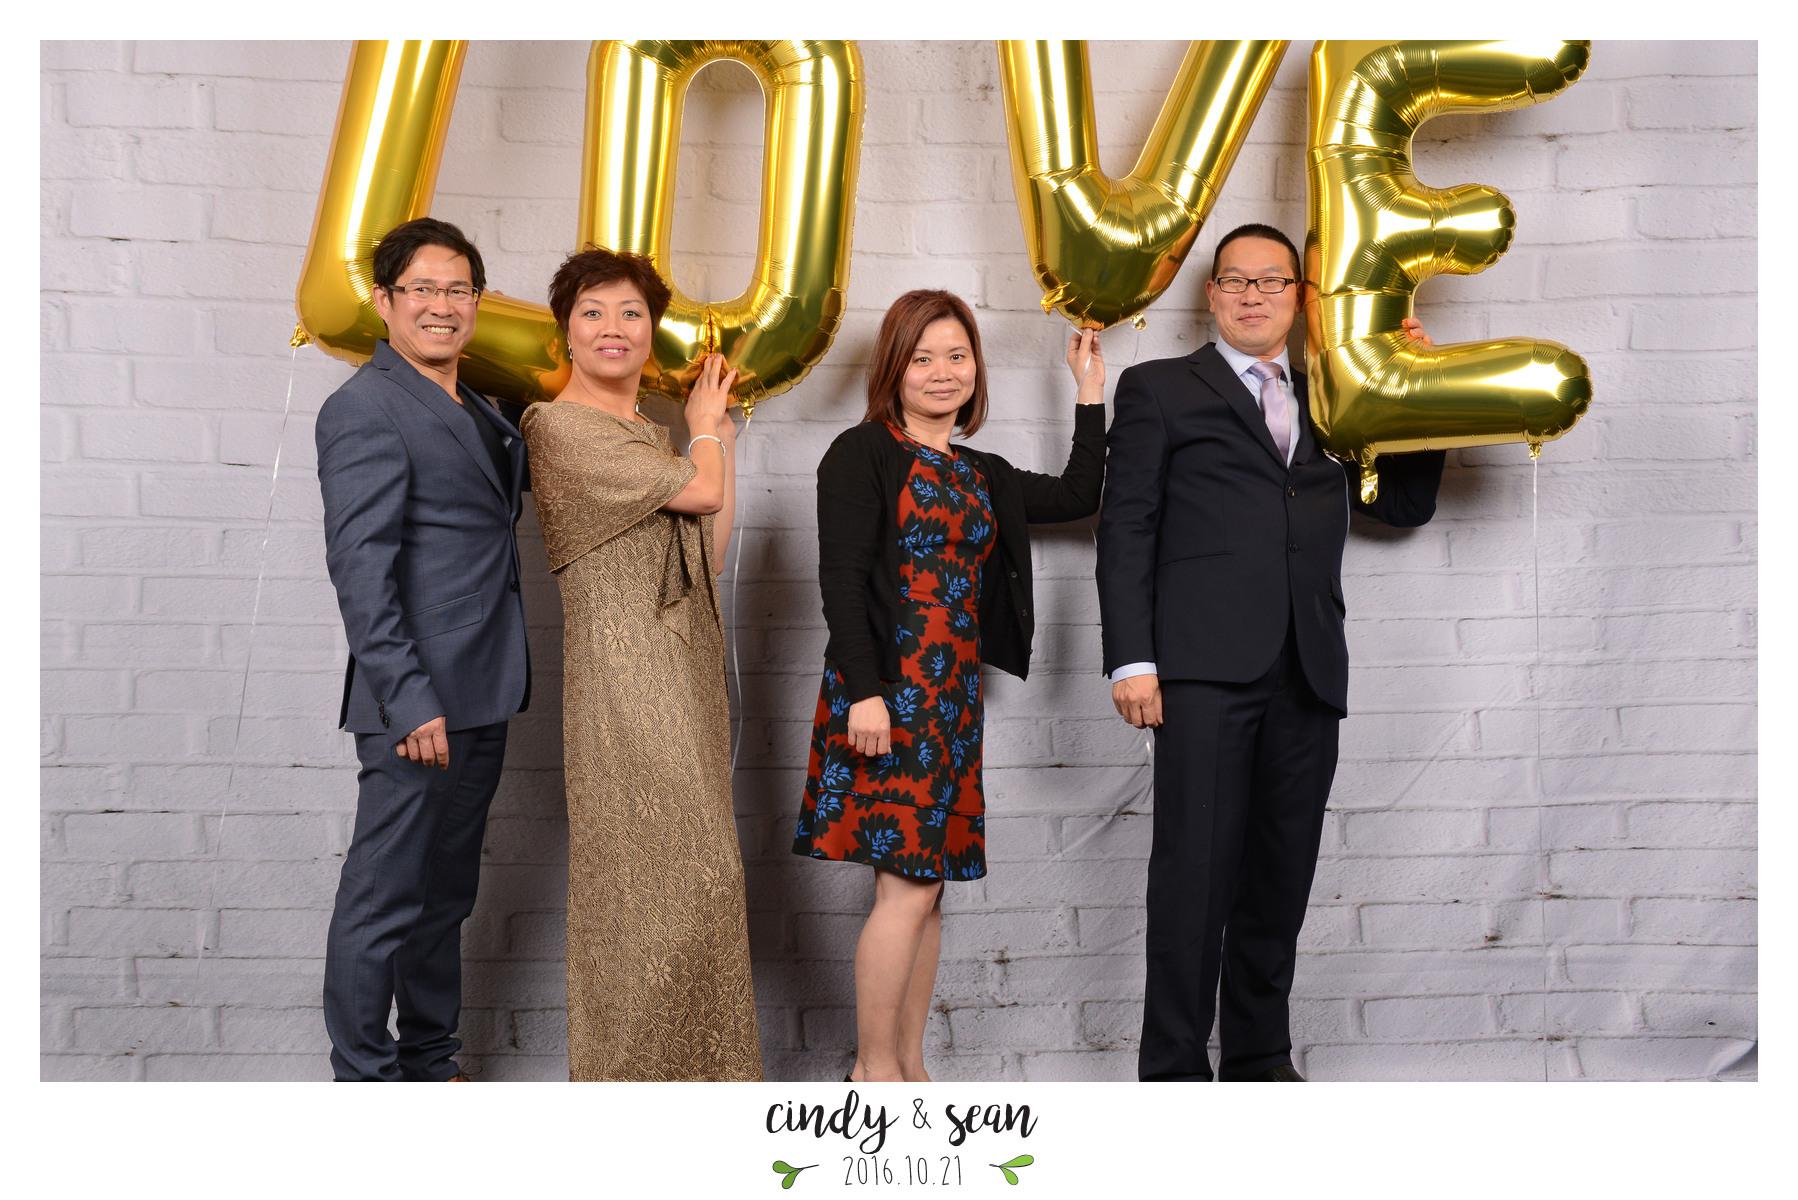 Cindy Sean Bae - 0001-52.jpg